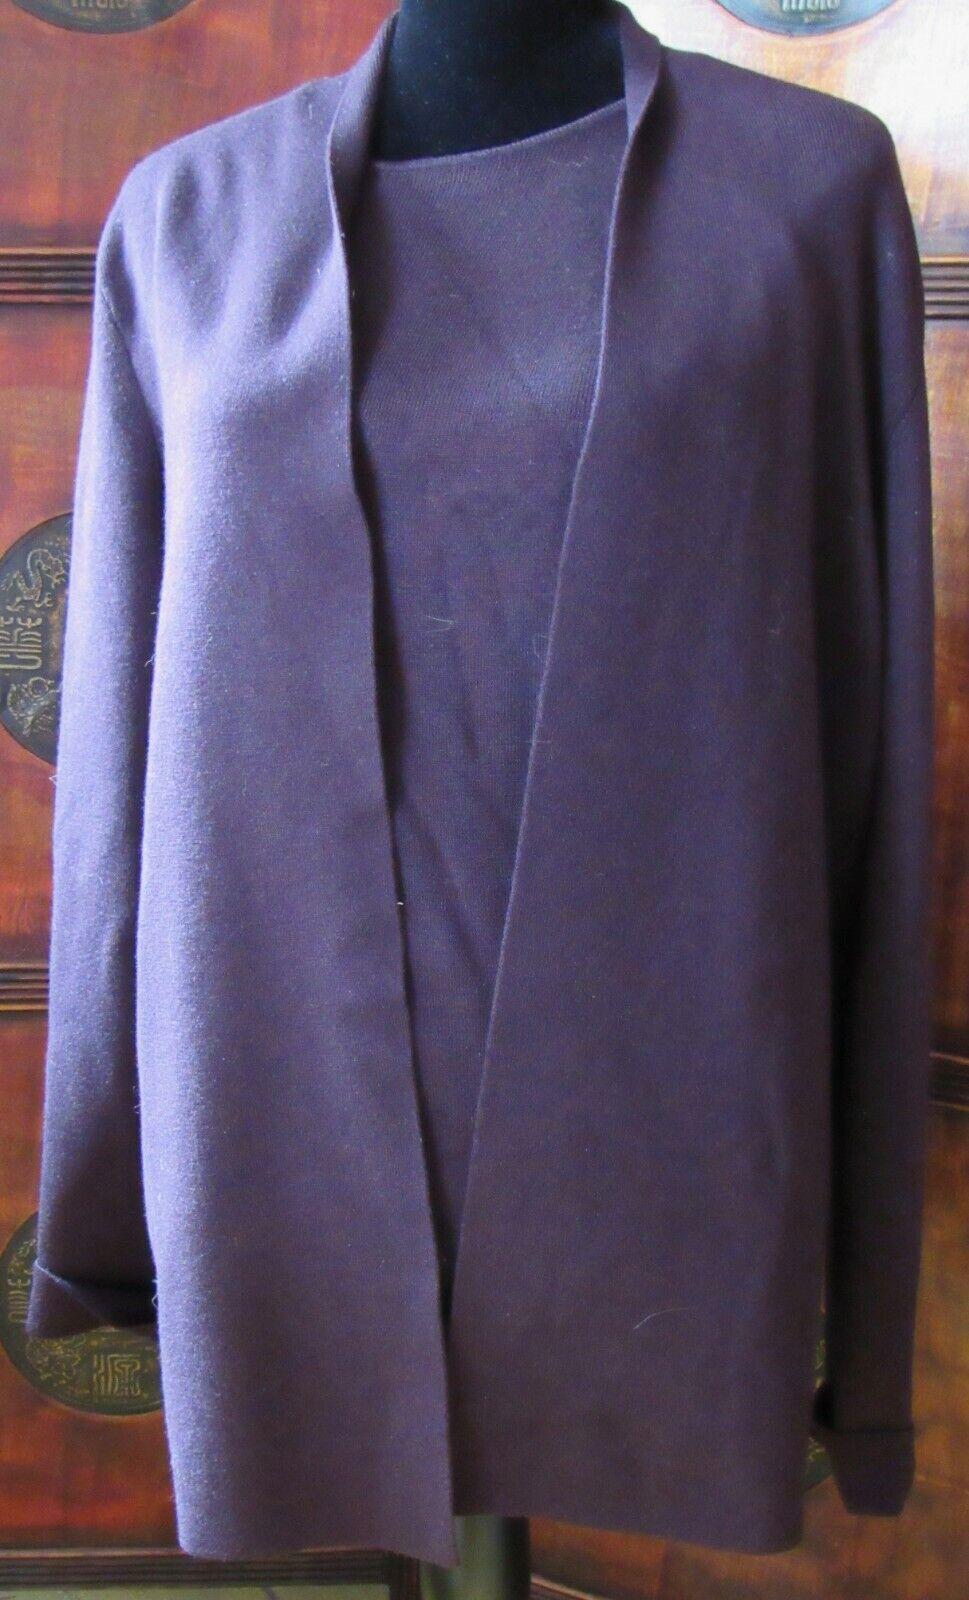 Woherren Sweaters 2 piece Ellen Tracy Cardigan,Coat (Größe X) & Shell(Größe L) NWT